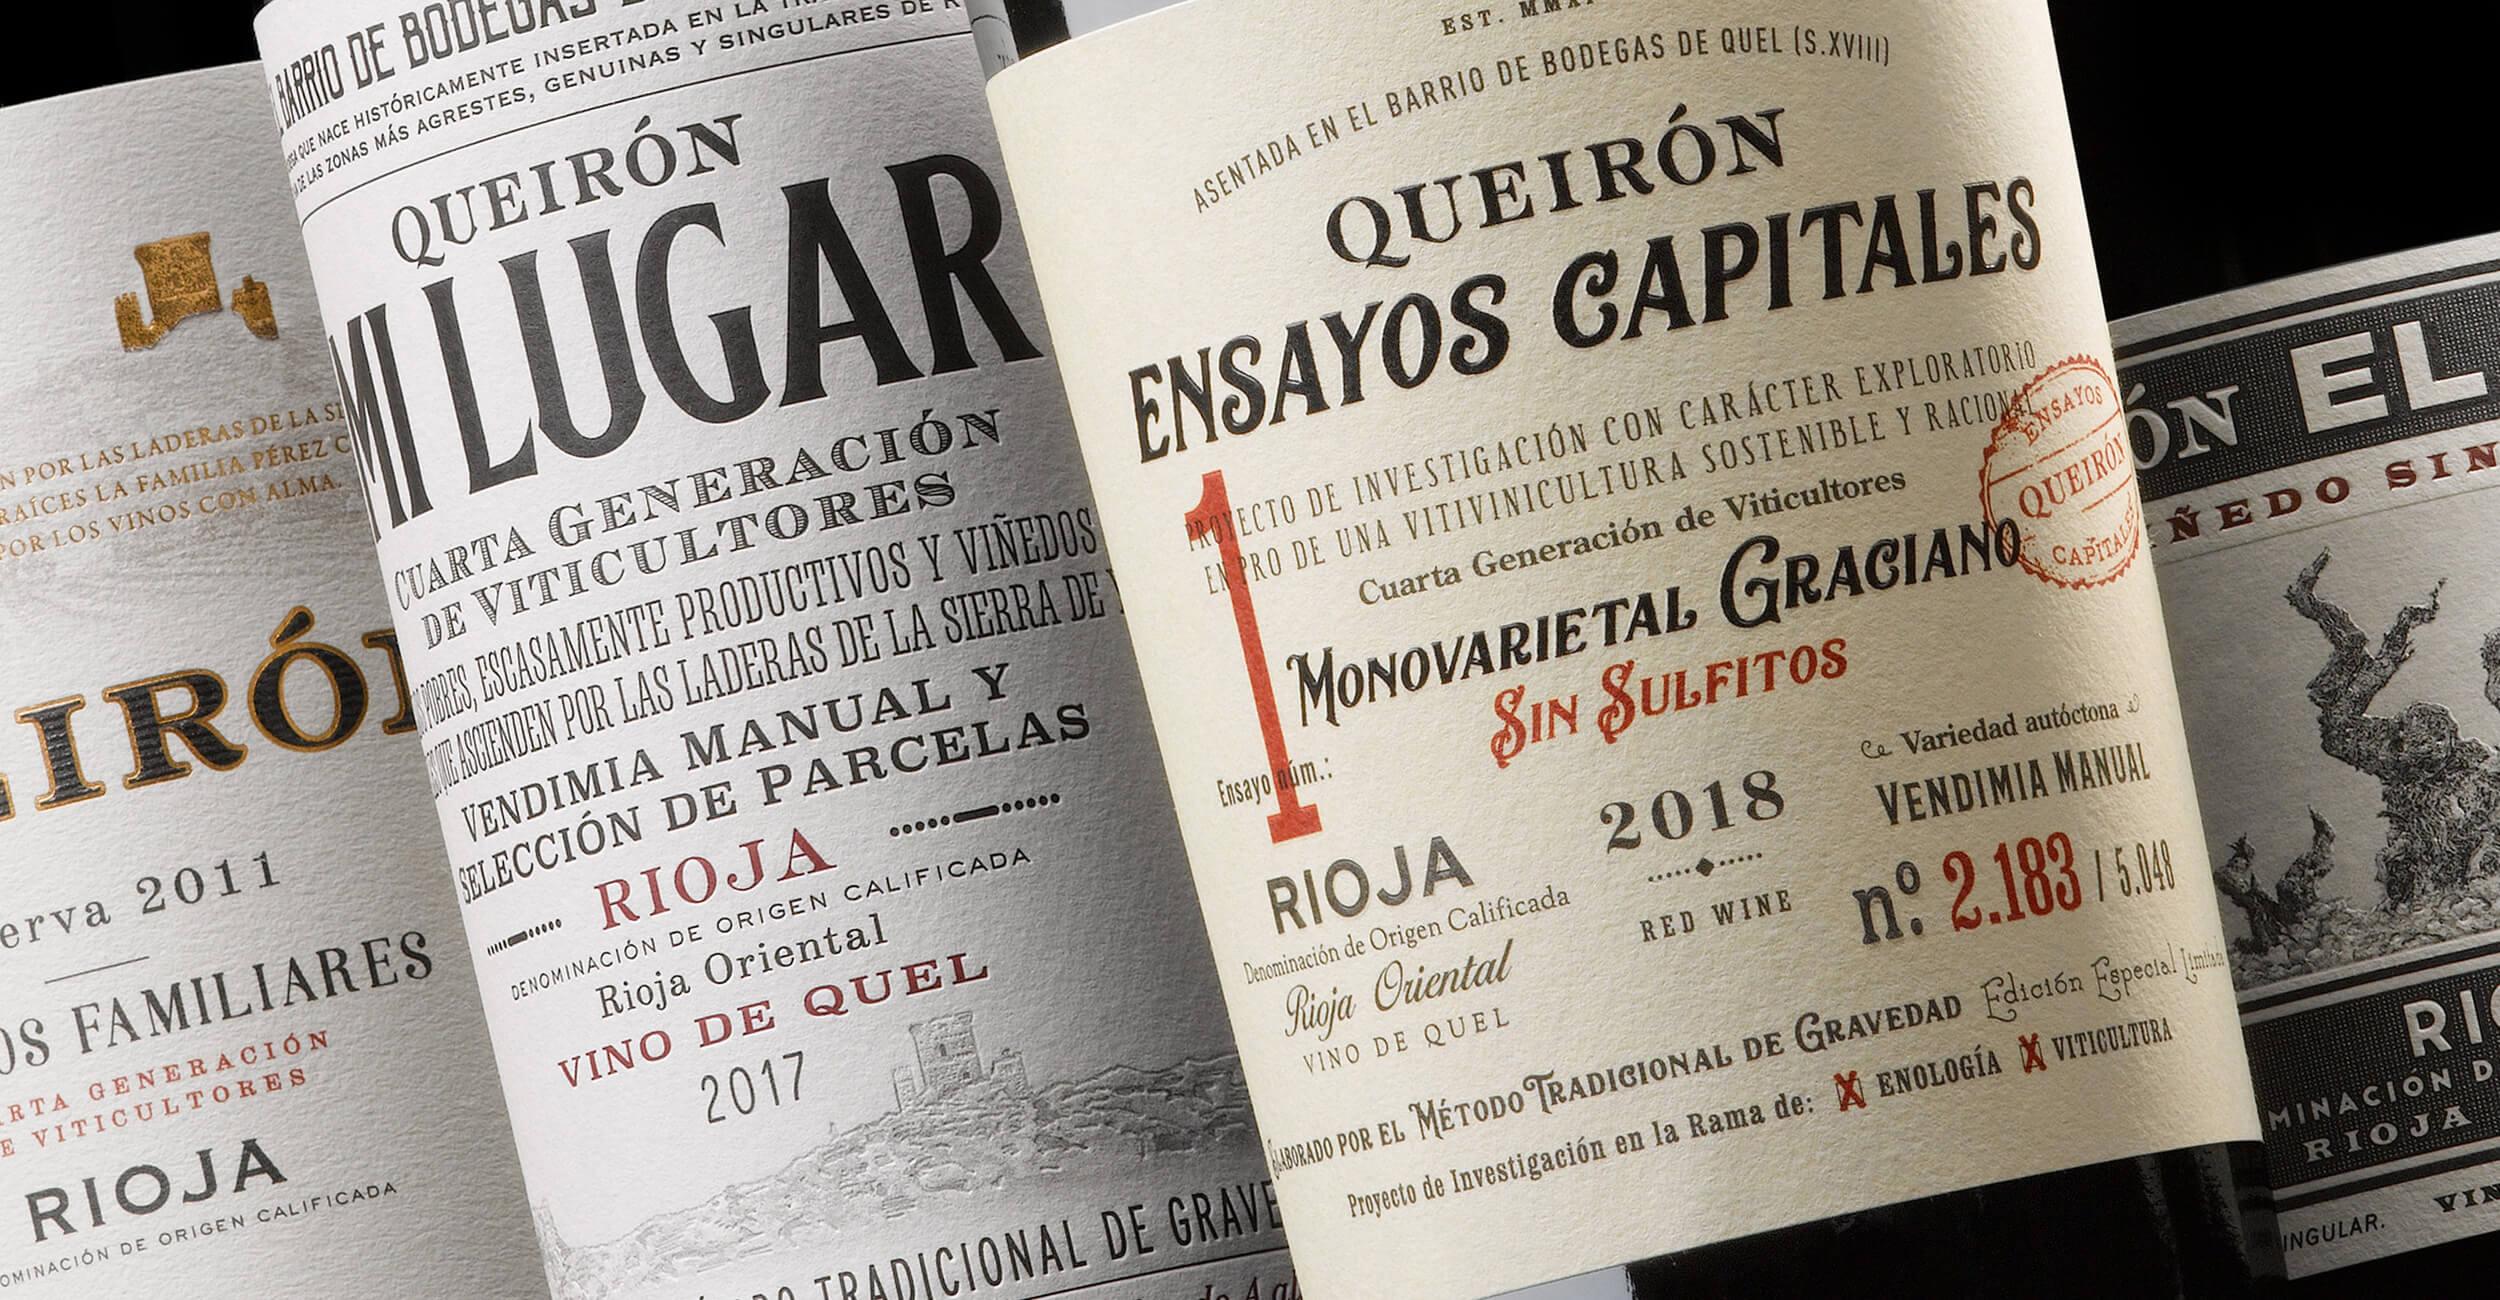 Somos Rioja, estamos en Quel